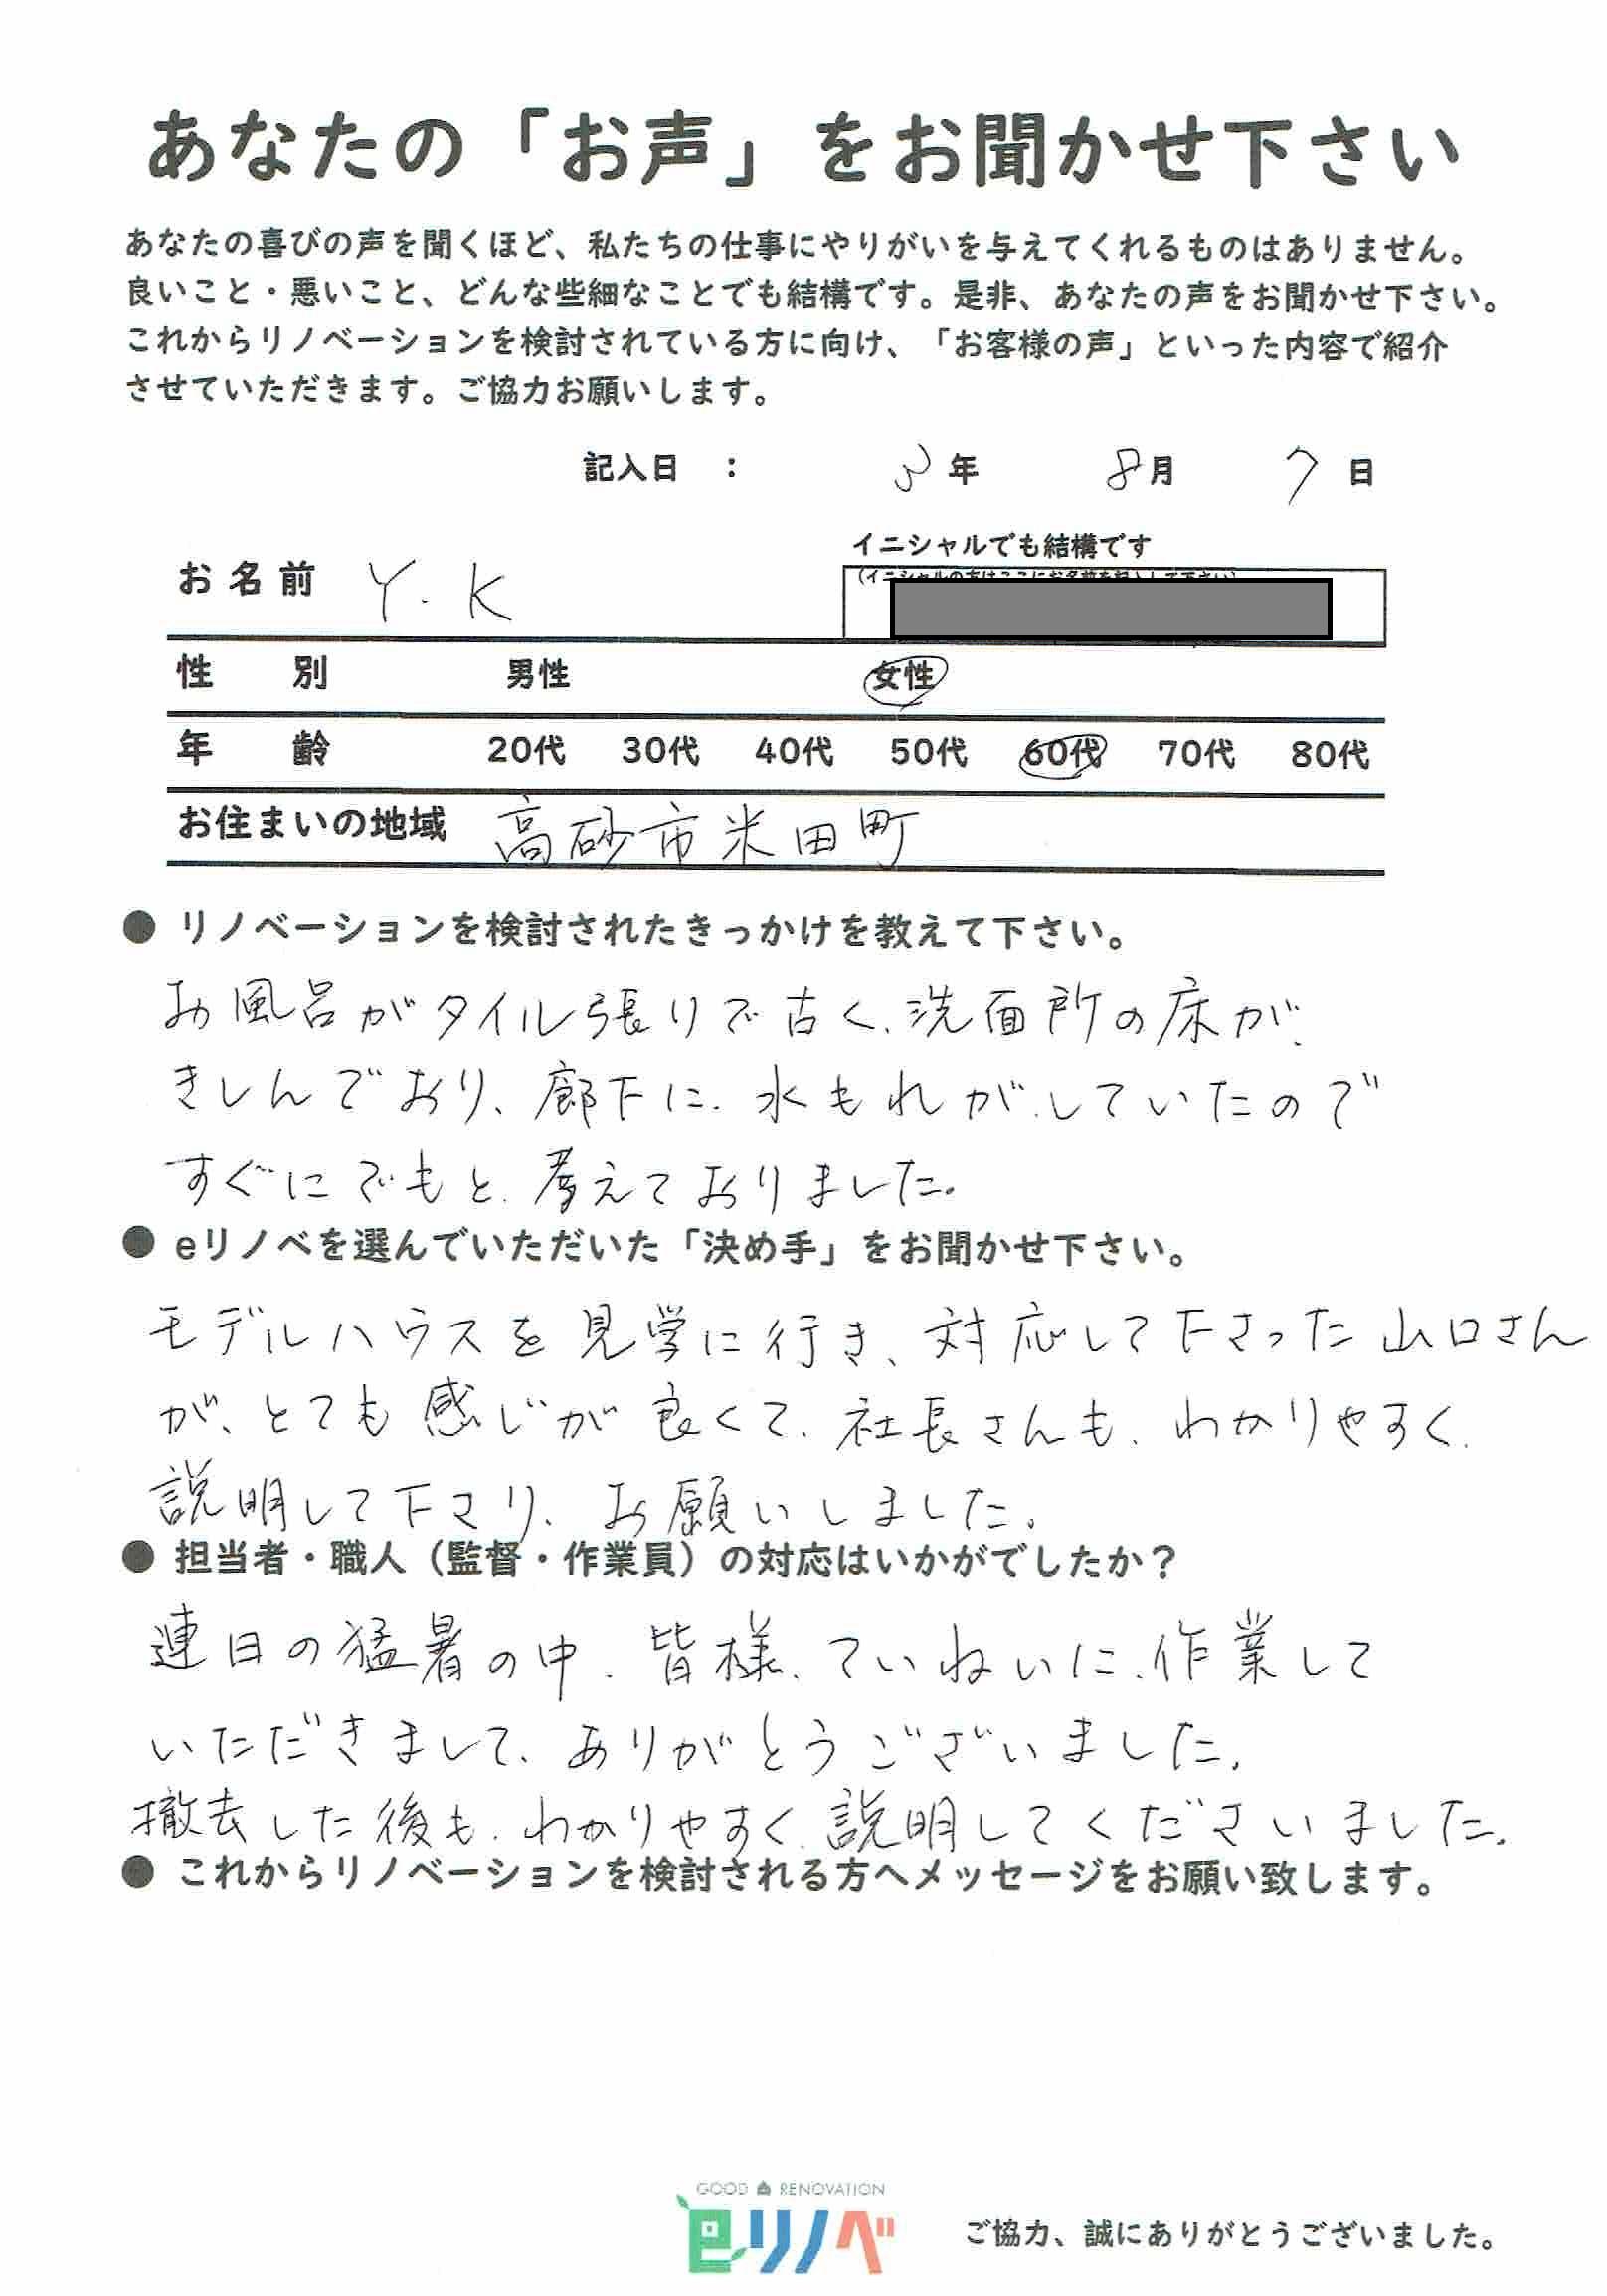 山口さんの人柄・渡邉社長の丁寧な説明が決め手です【高砂市 Y様】